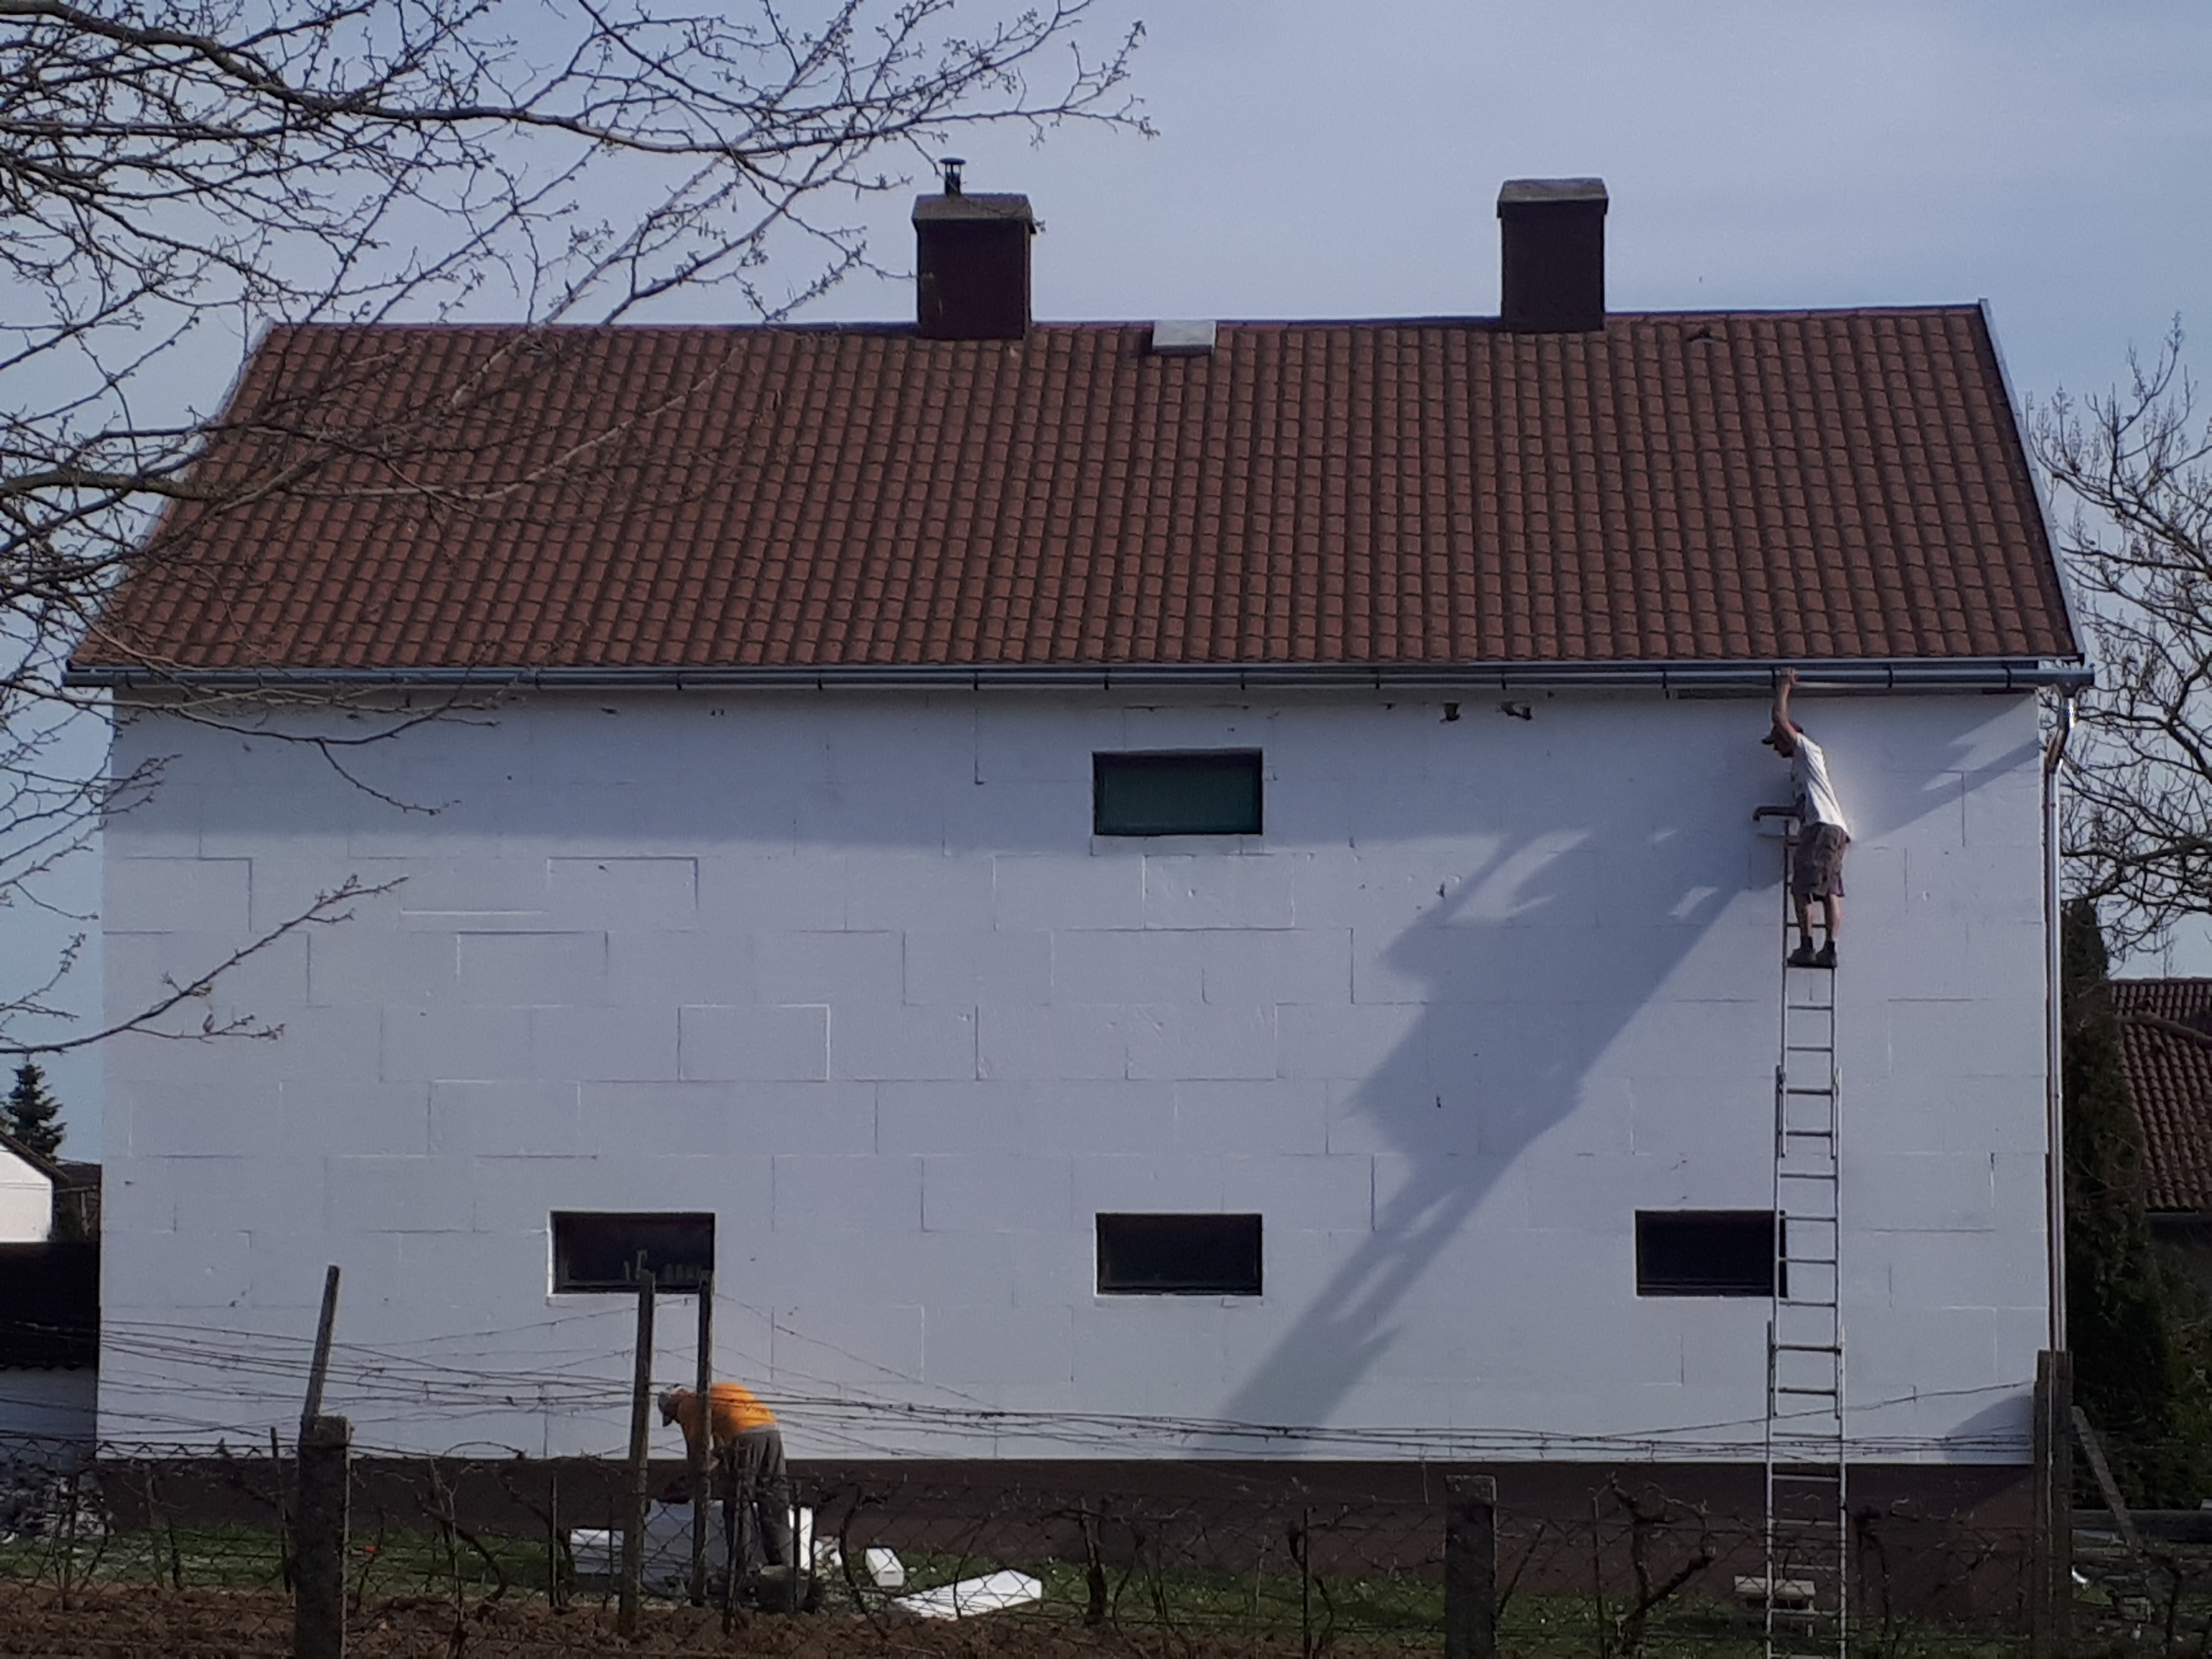 Palatető felújítás Örkény, palatető szigetelés ÖrkényCsaládi ház palatető felújítása